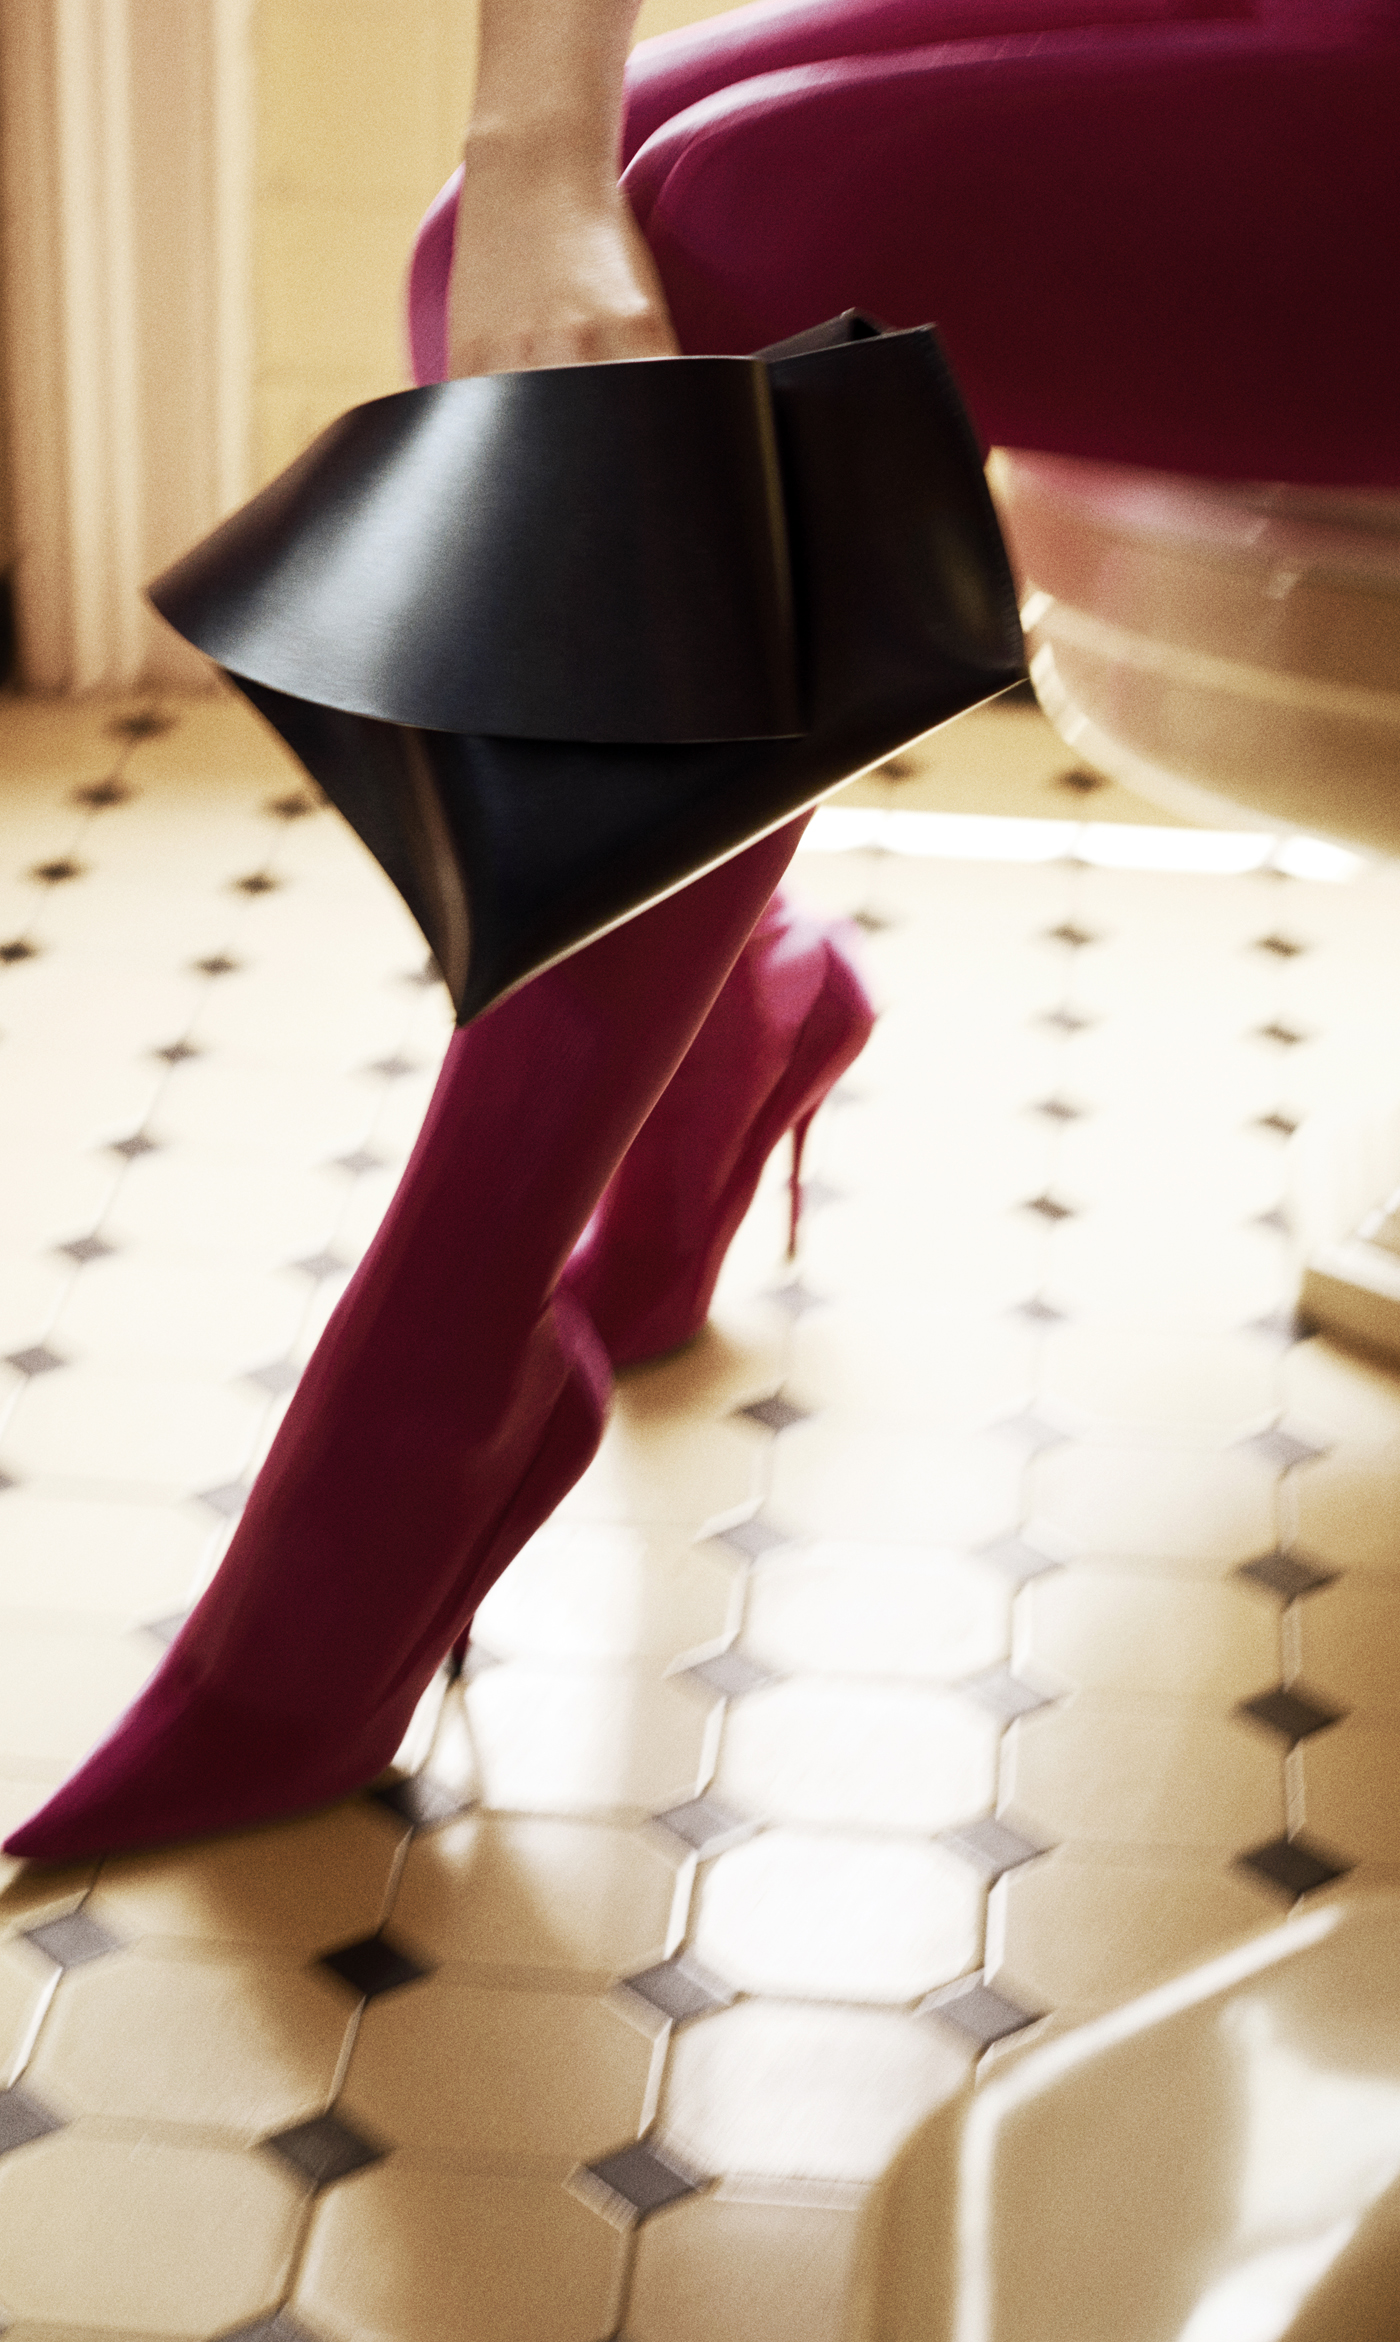 Boots by Balenciaga.